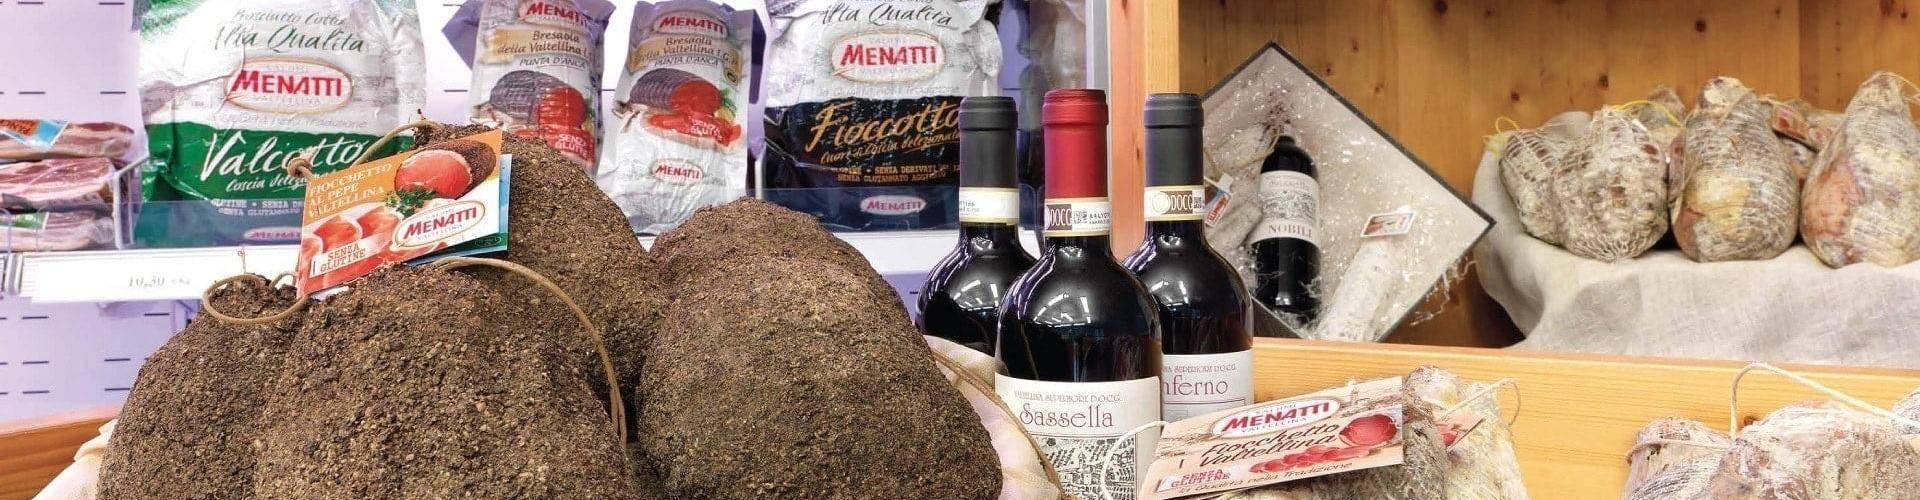 Spaccio Menatti in Valtellina a Piantedo